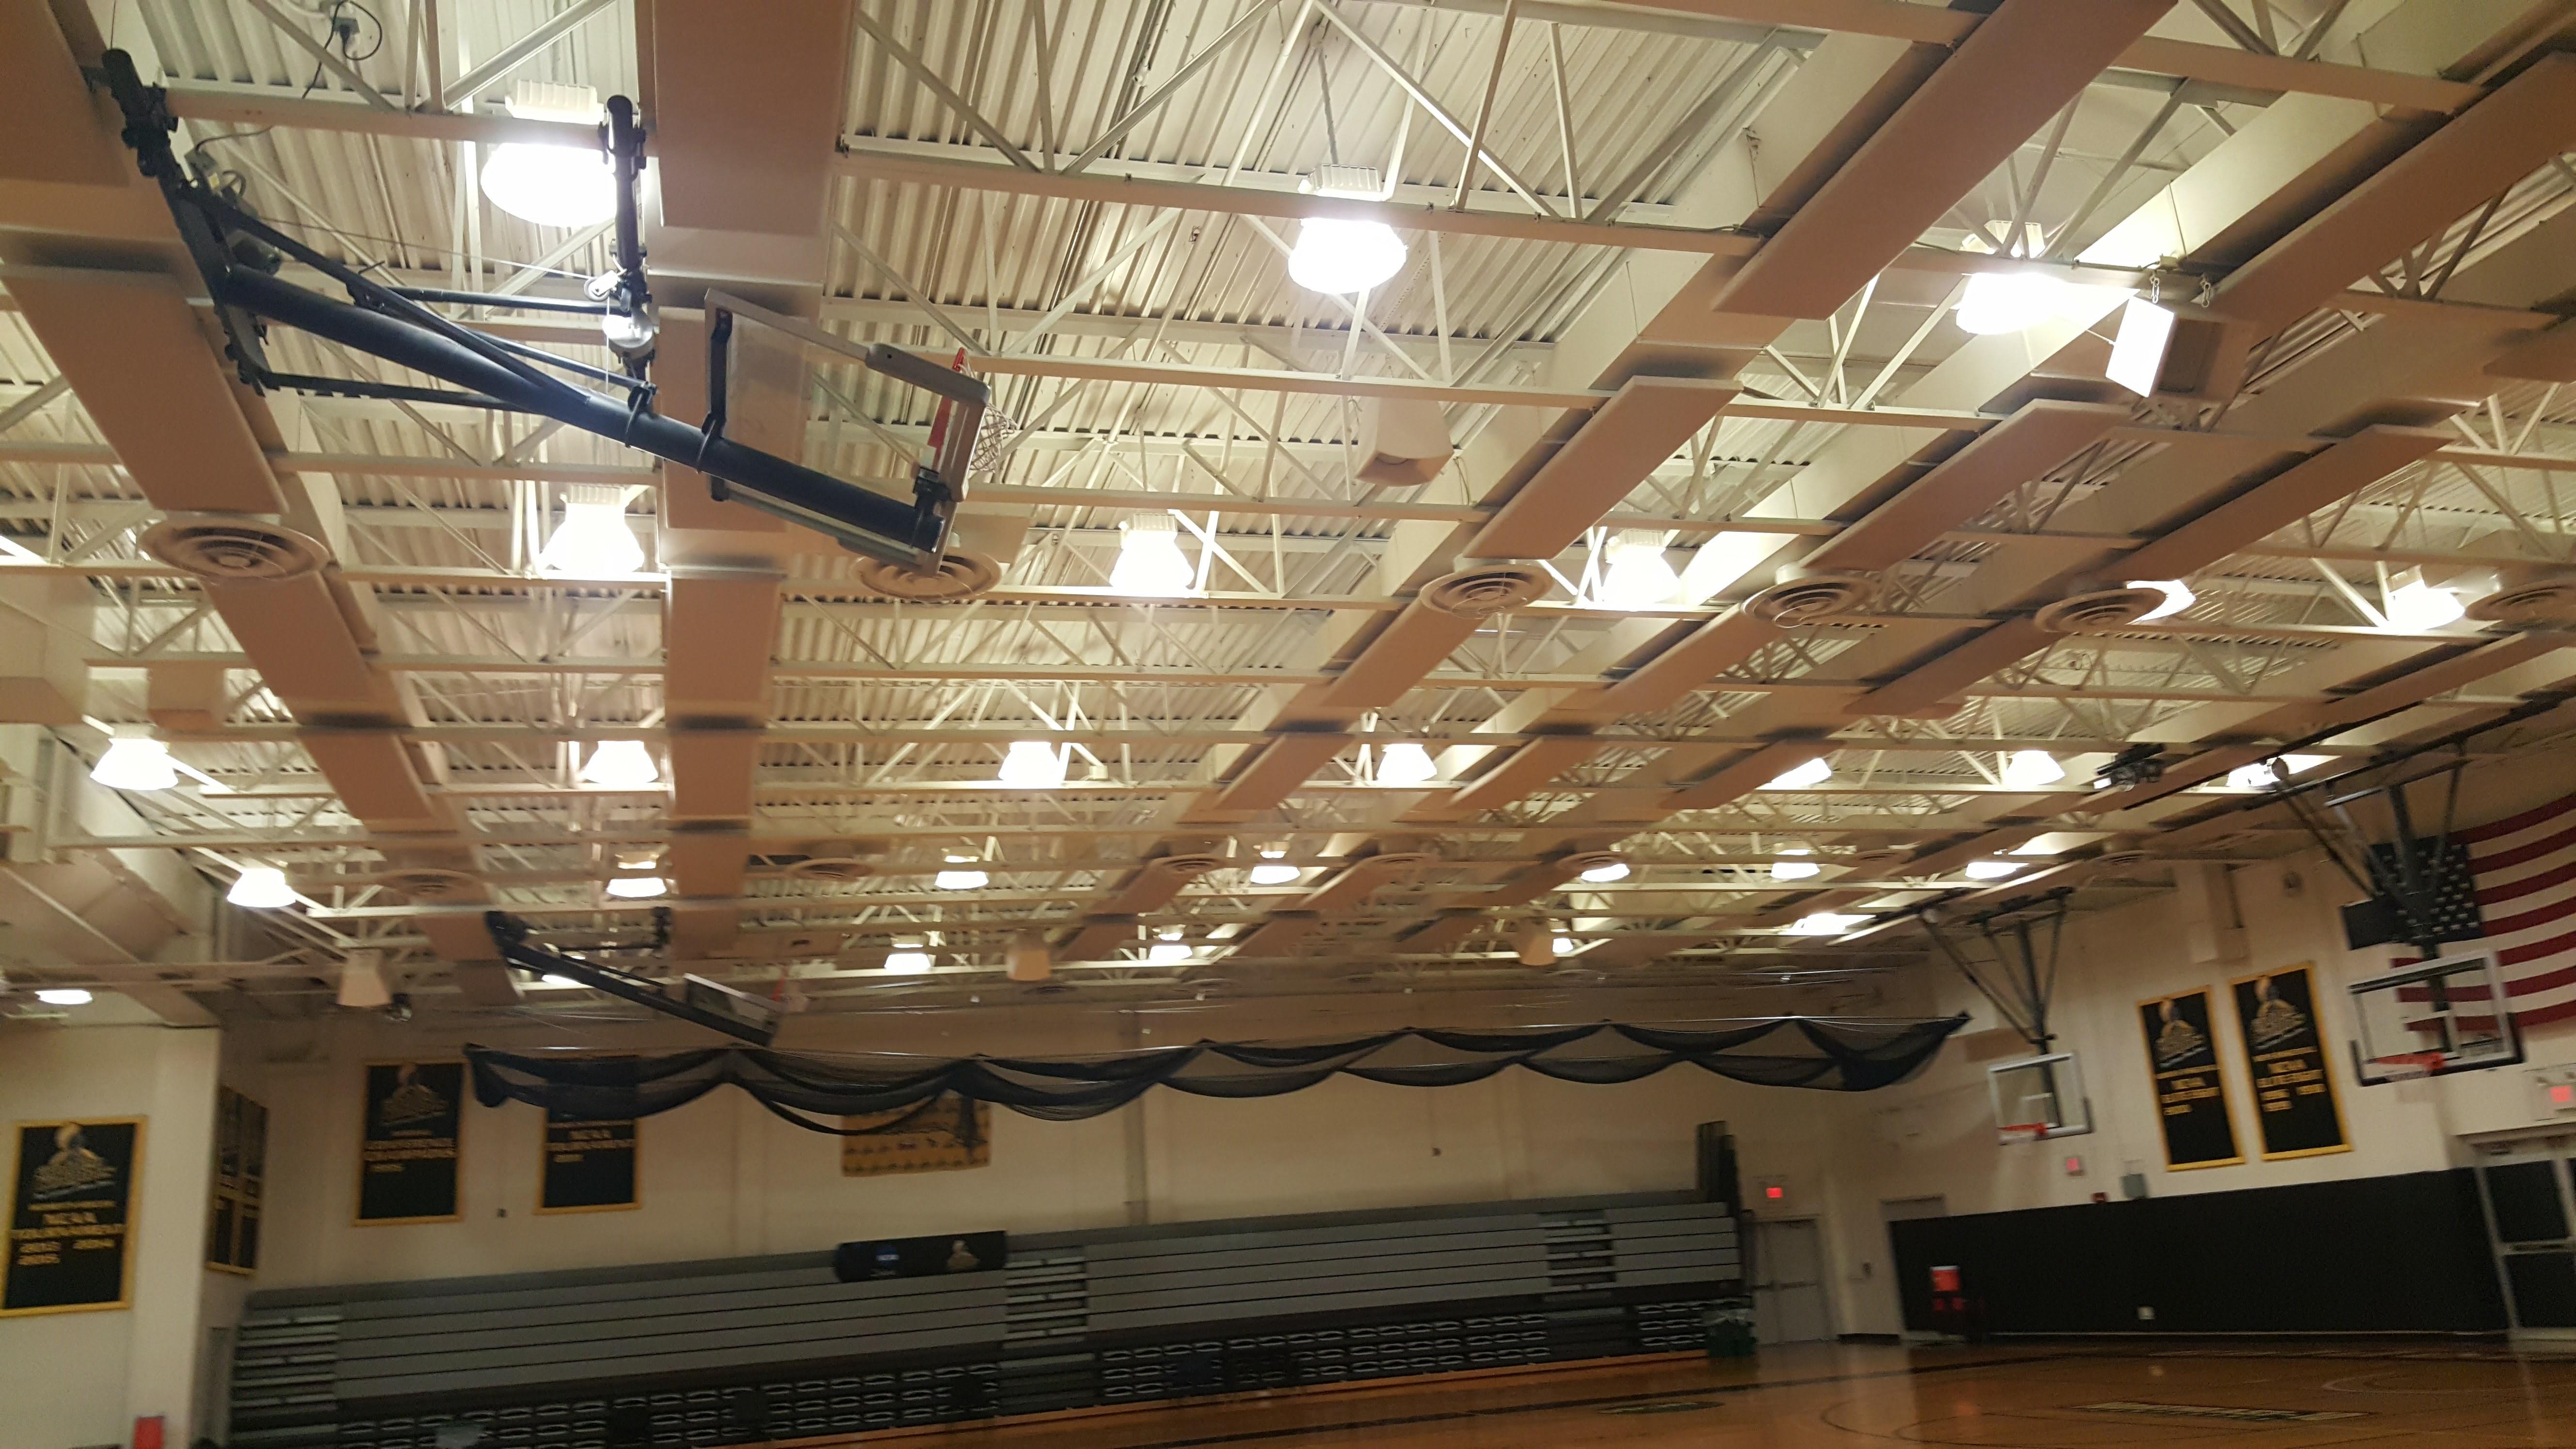 Gymnasium Highbays